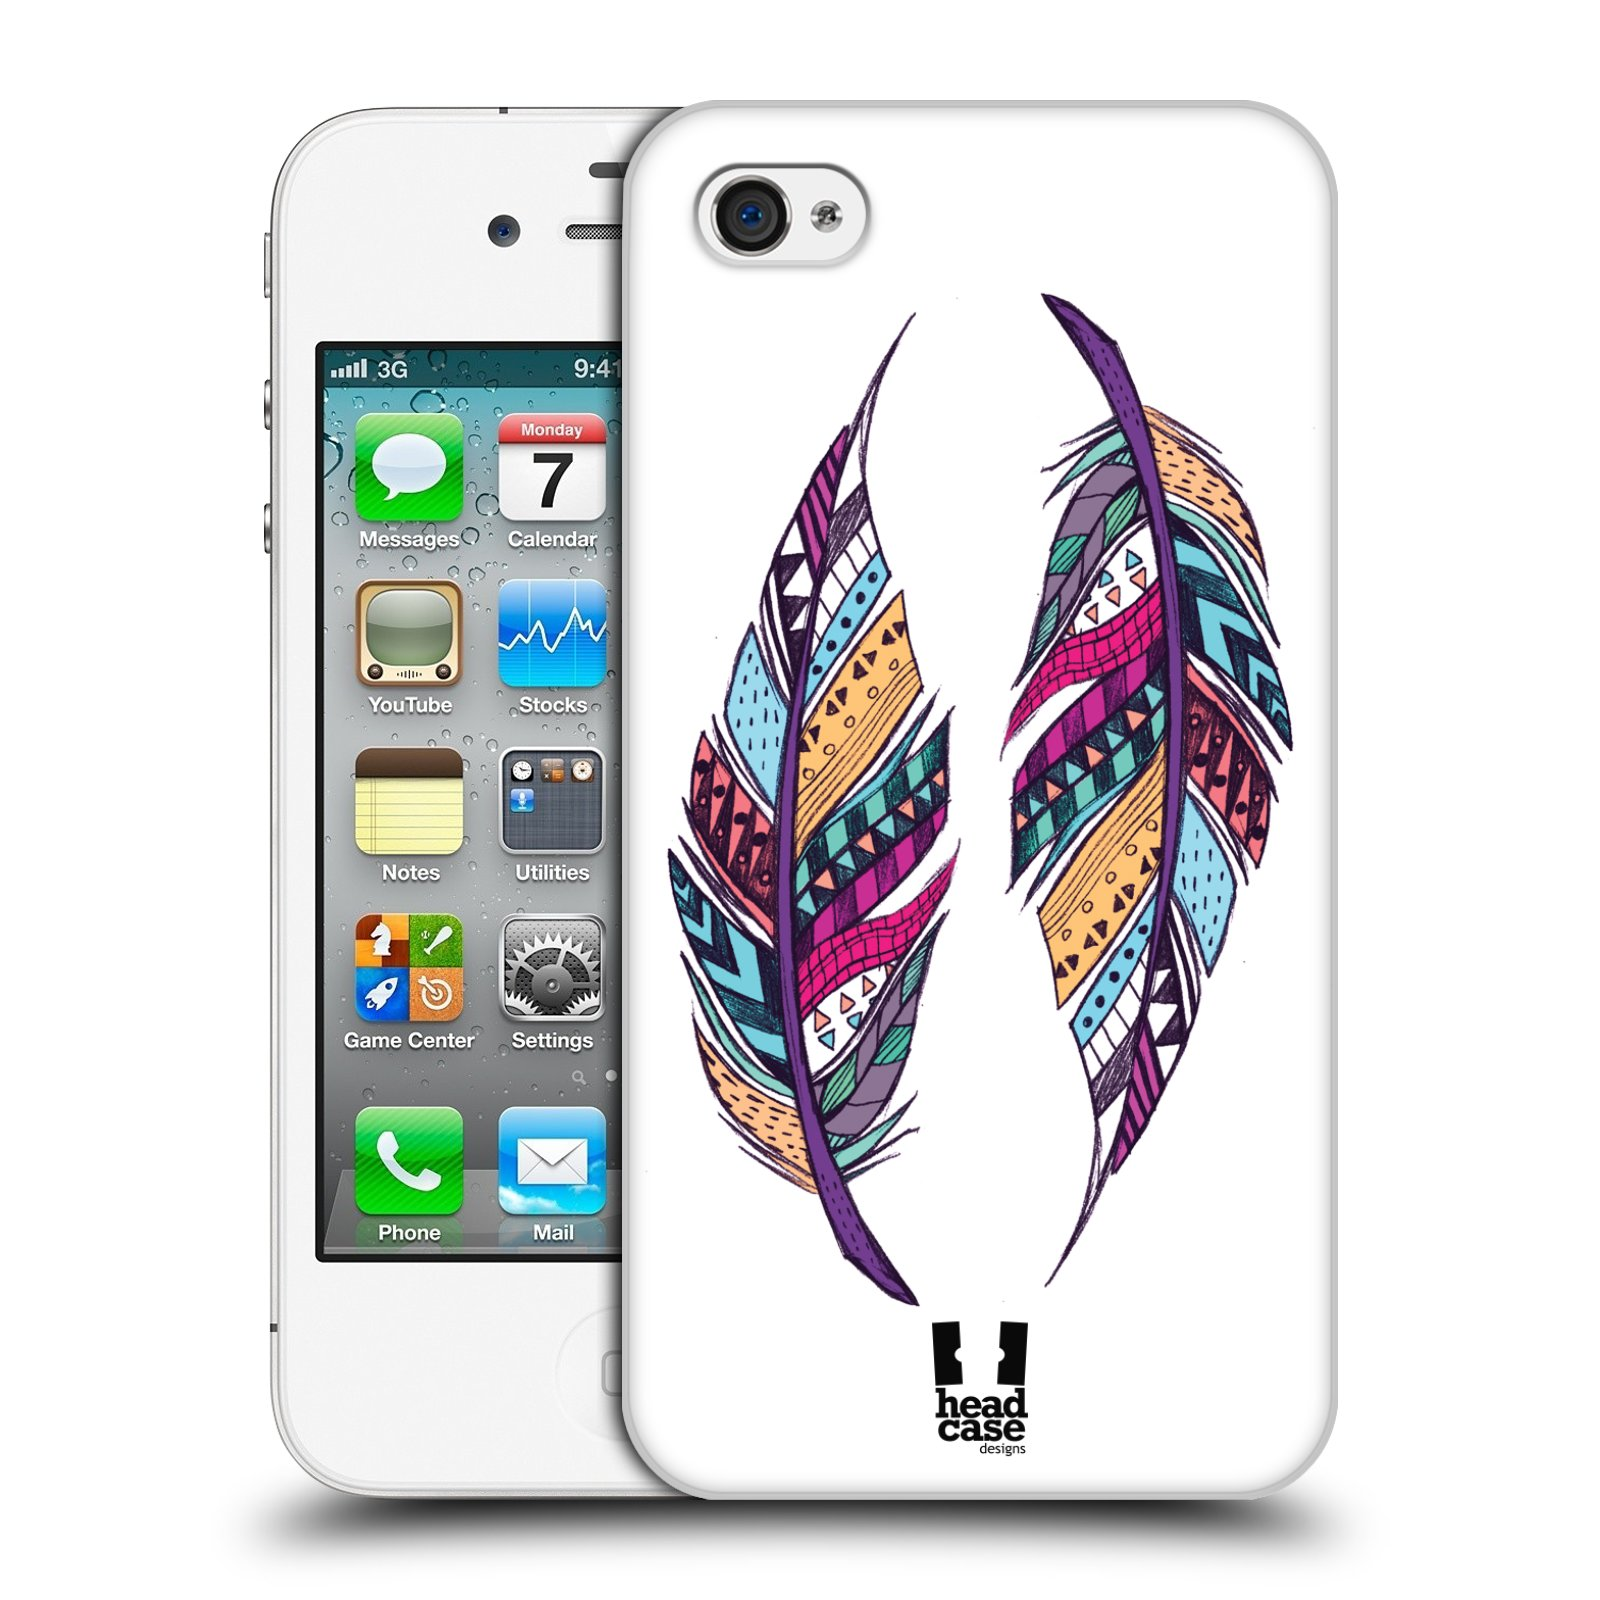 Plastové pouzdro na mobil Apple iPhone 4 a 4S HEAD CASE AZTEC PÍRKA